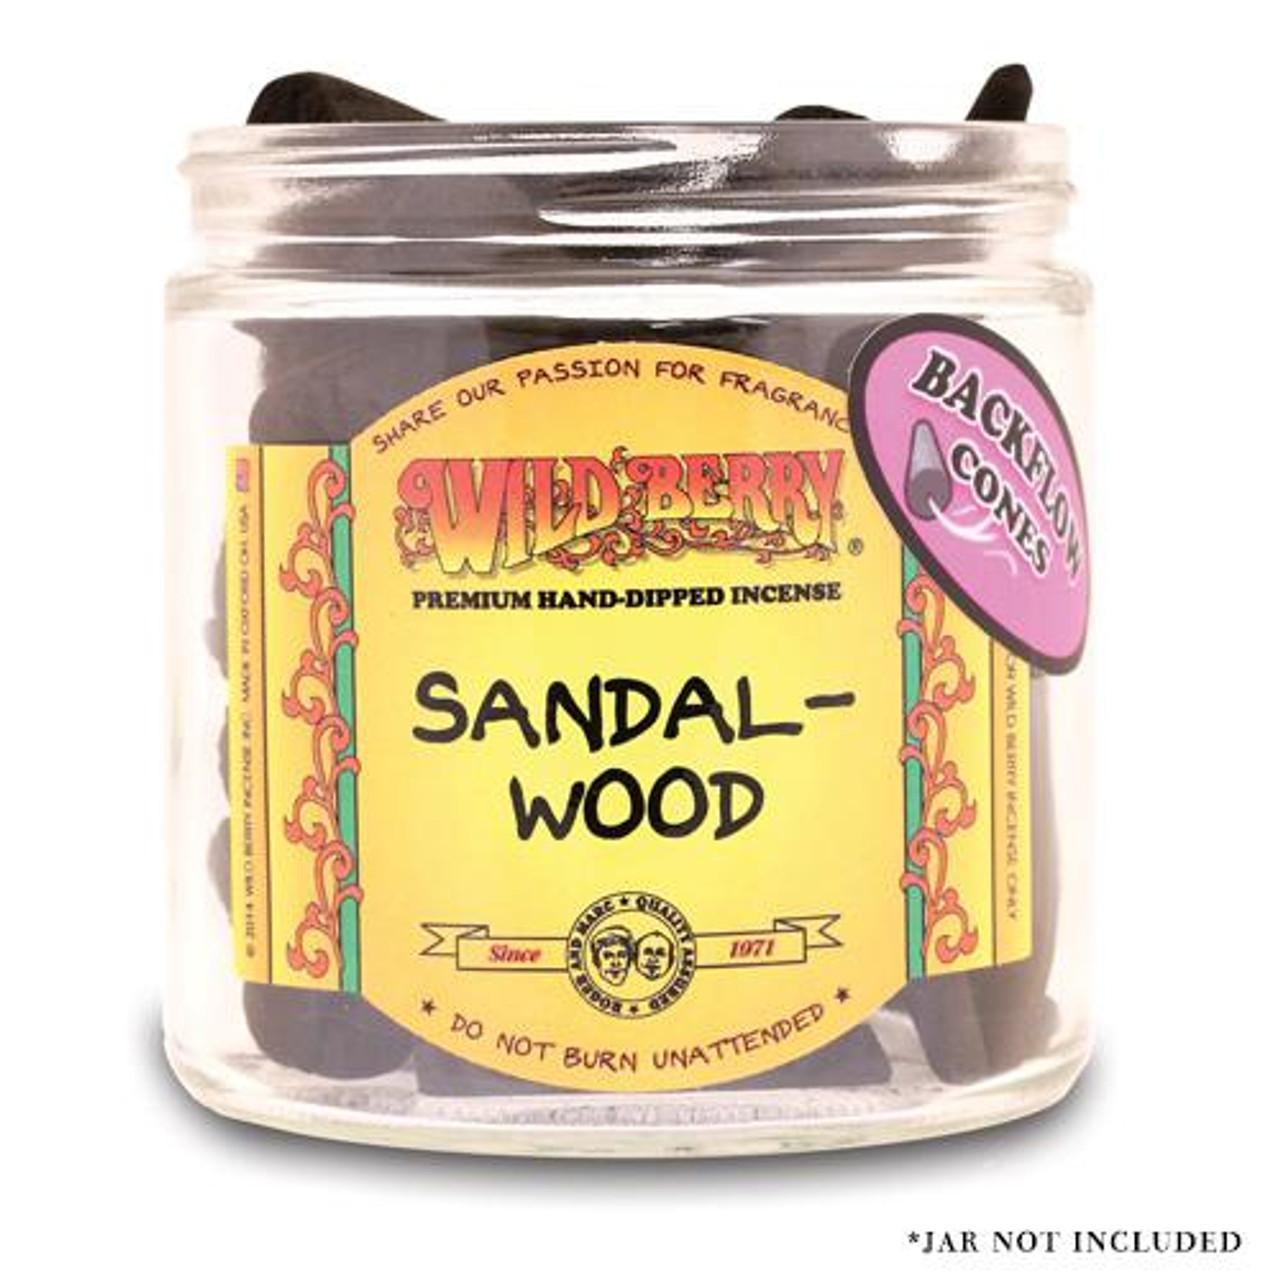 Wildberry Backflow Cones - Sandalwood